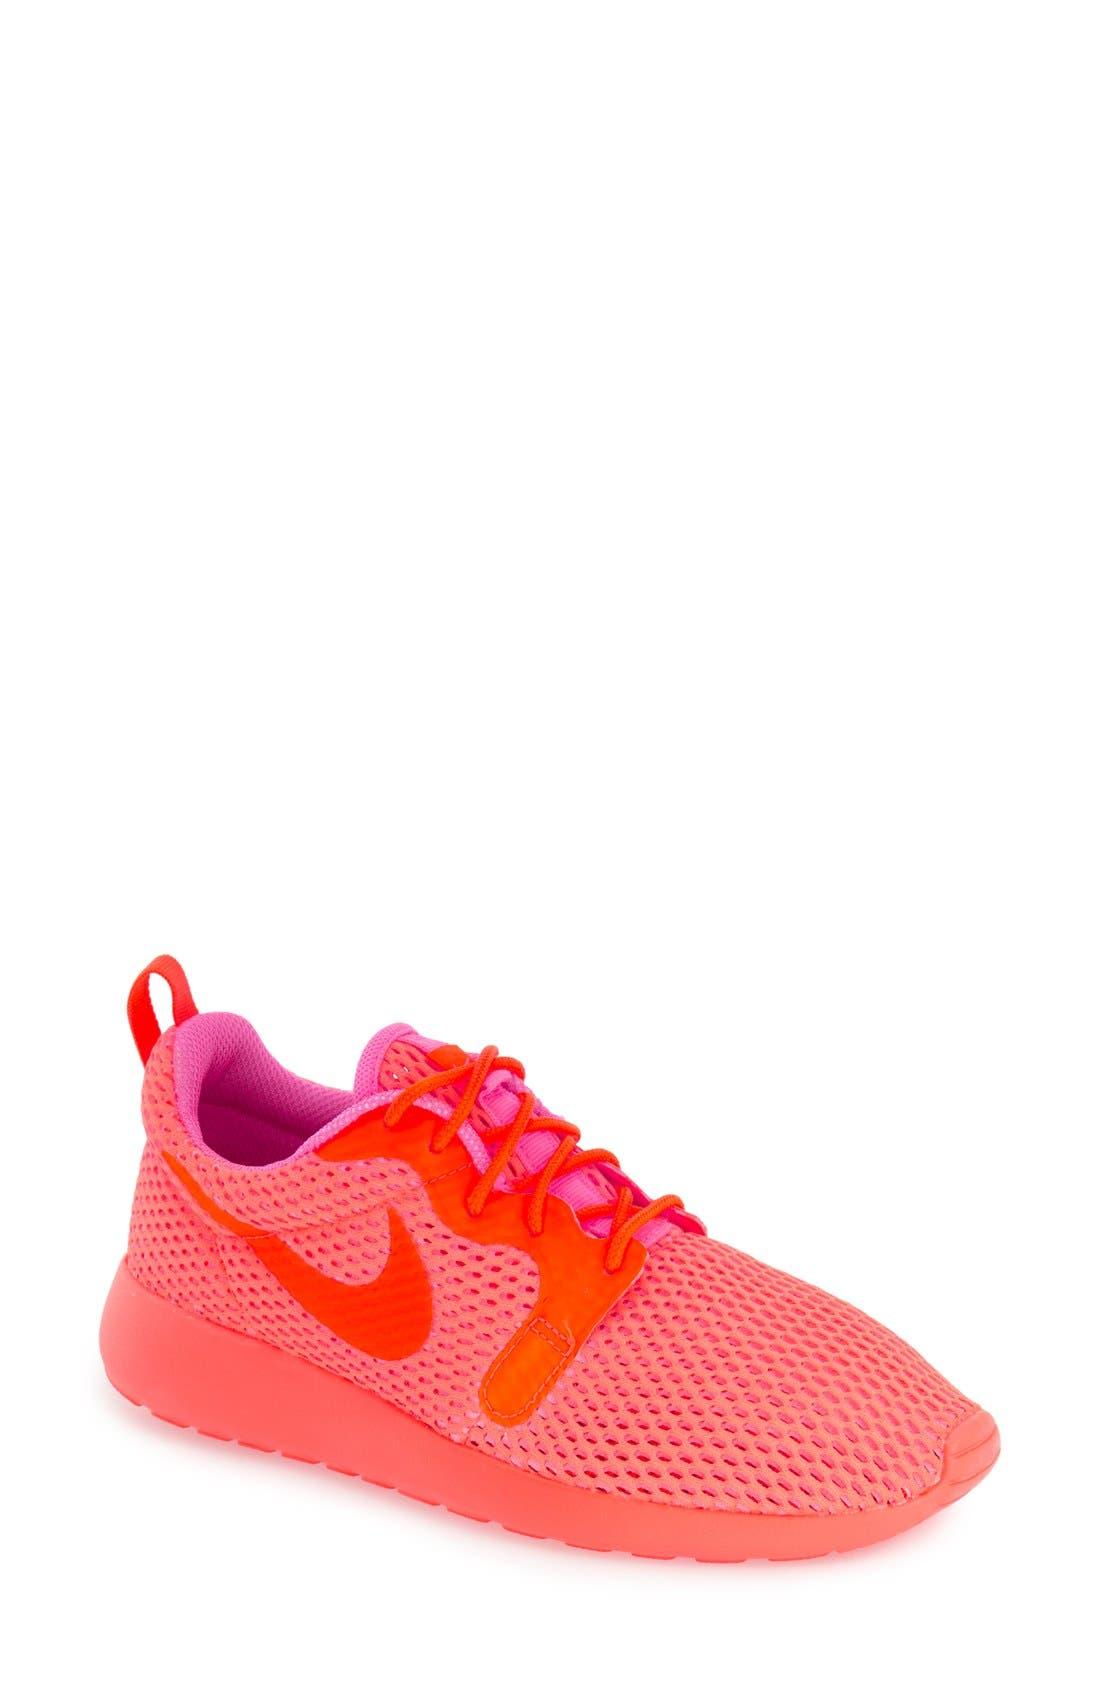 Main Image - Nike 'Roshe One Hyper Breathe' Sneaker (Women)